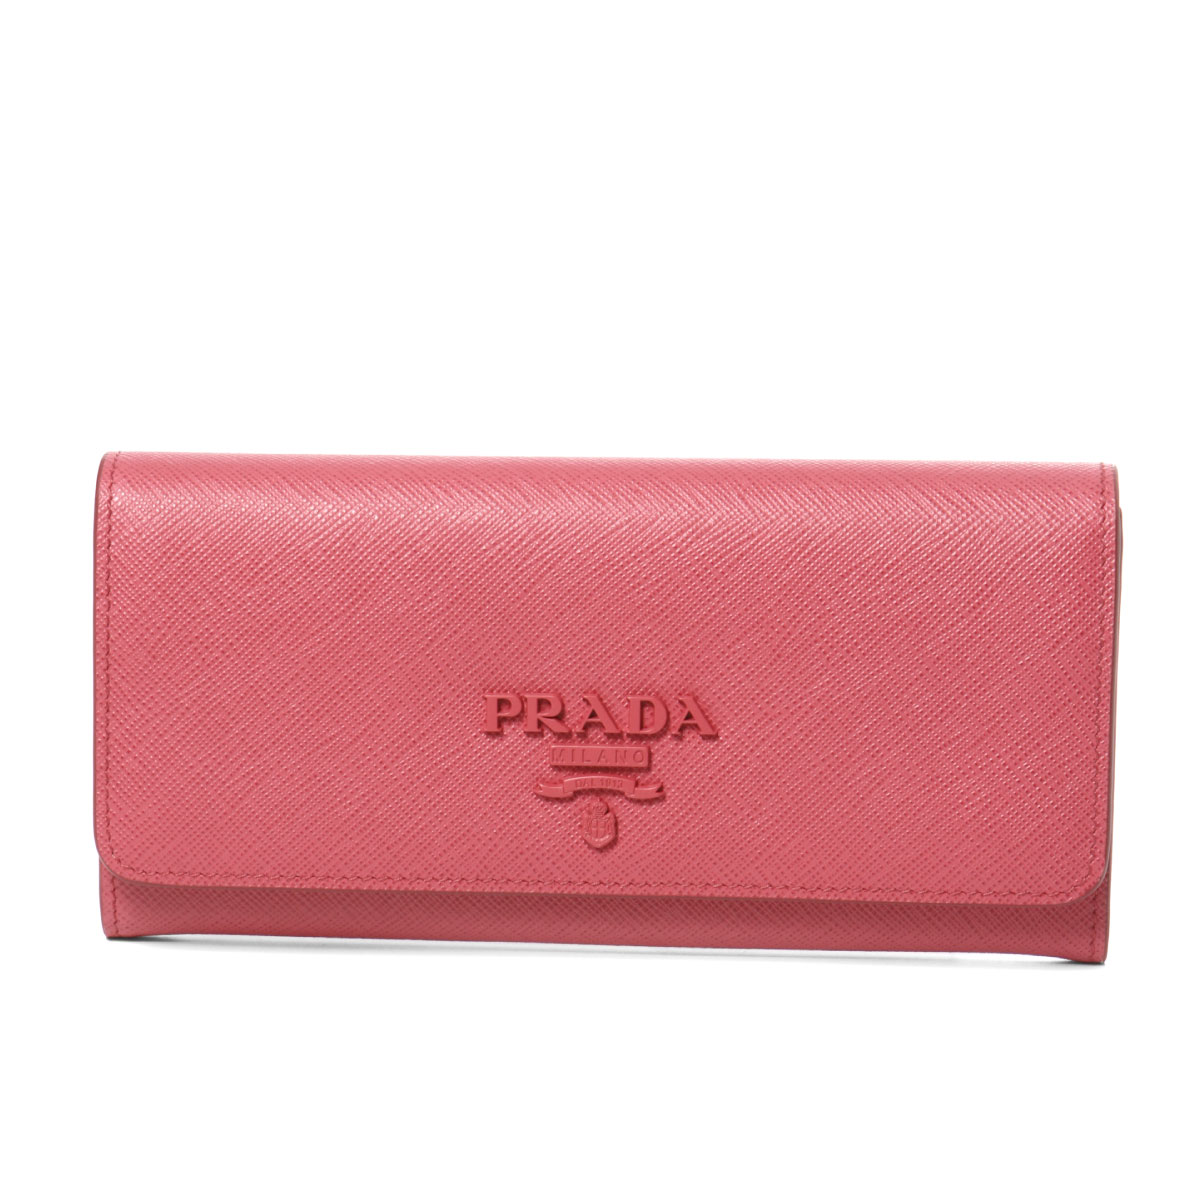 プラダ PRADA 財布 レディース 1MH132 2EBW F0505 二つ折り長財布 SAFFIANO SHINE PEONIA ピンク